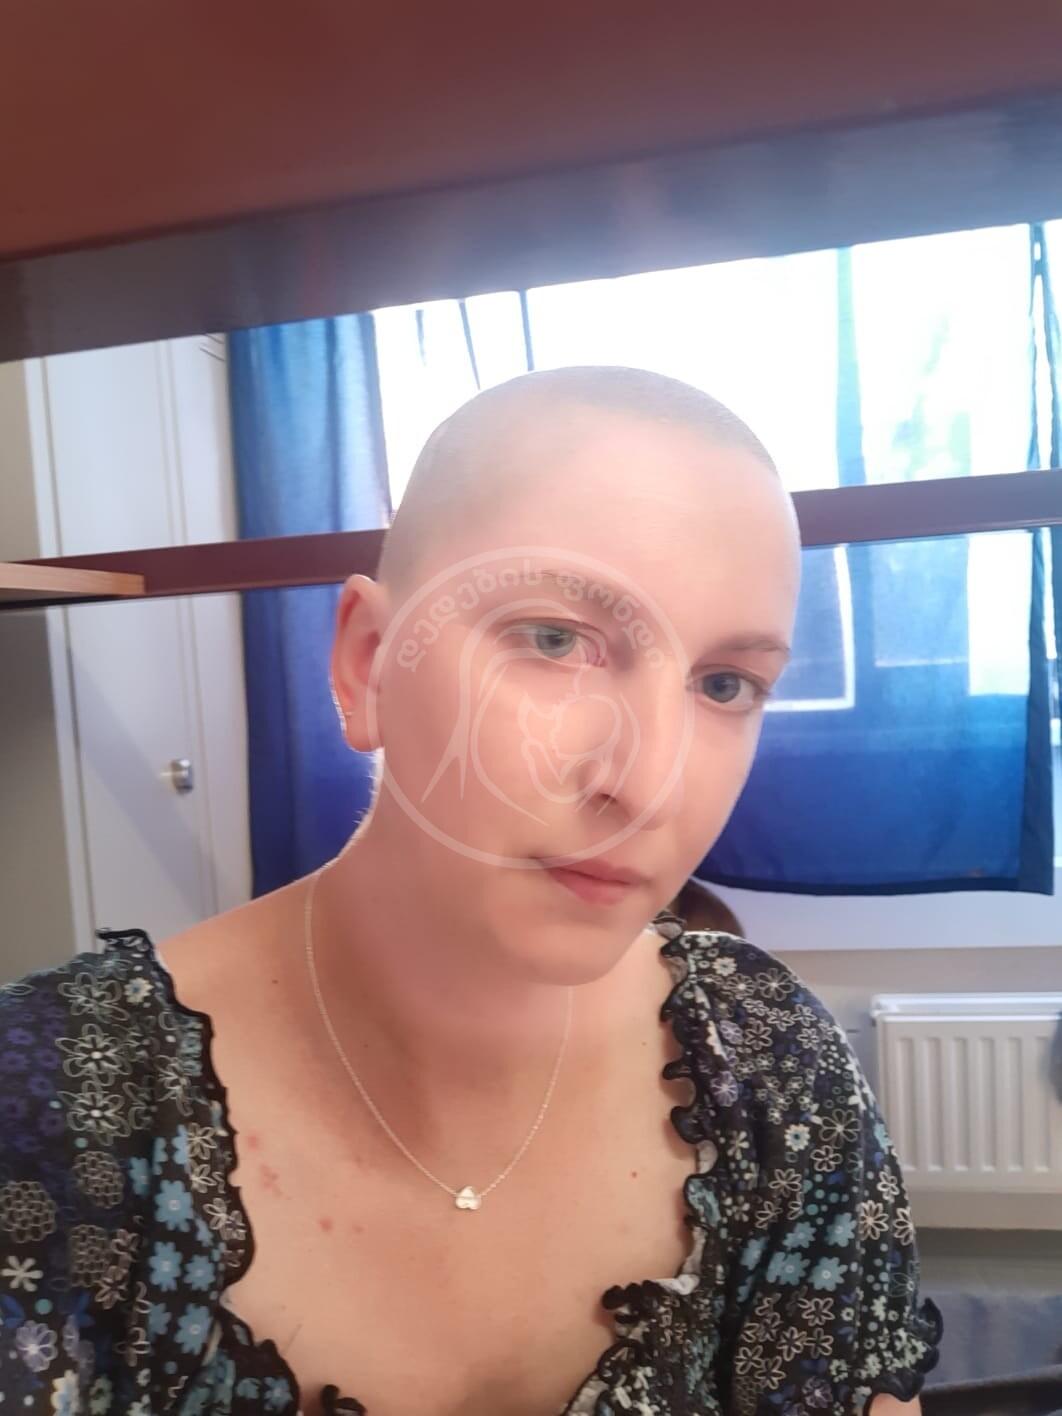 ალიონა კენჭოშვილი, ფილტვის სიმსივნე